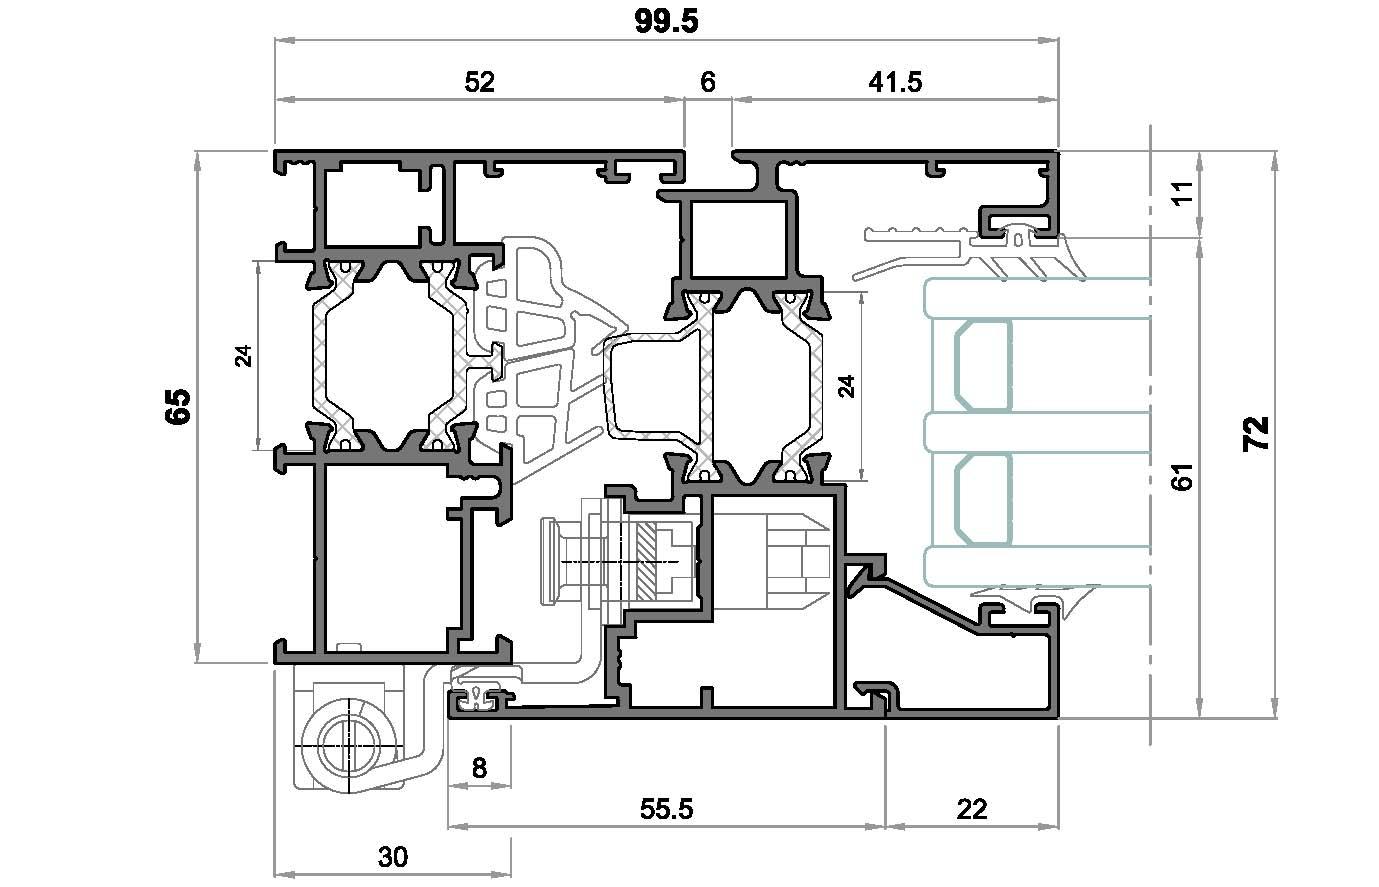 alg 65 C16-Seccion lateral ventana